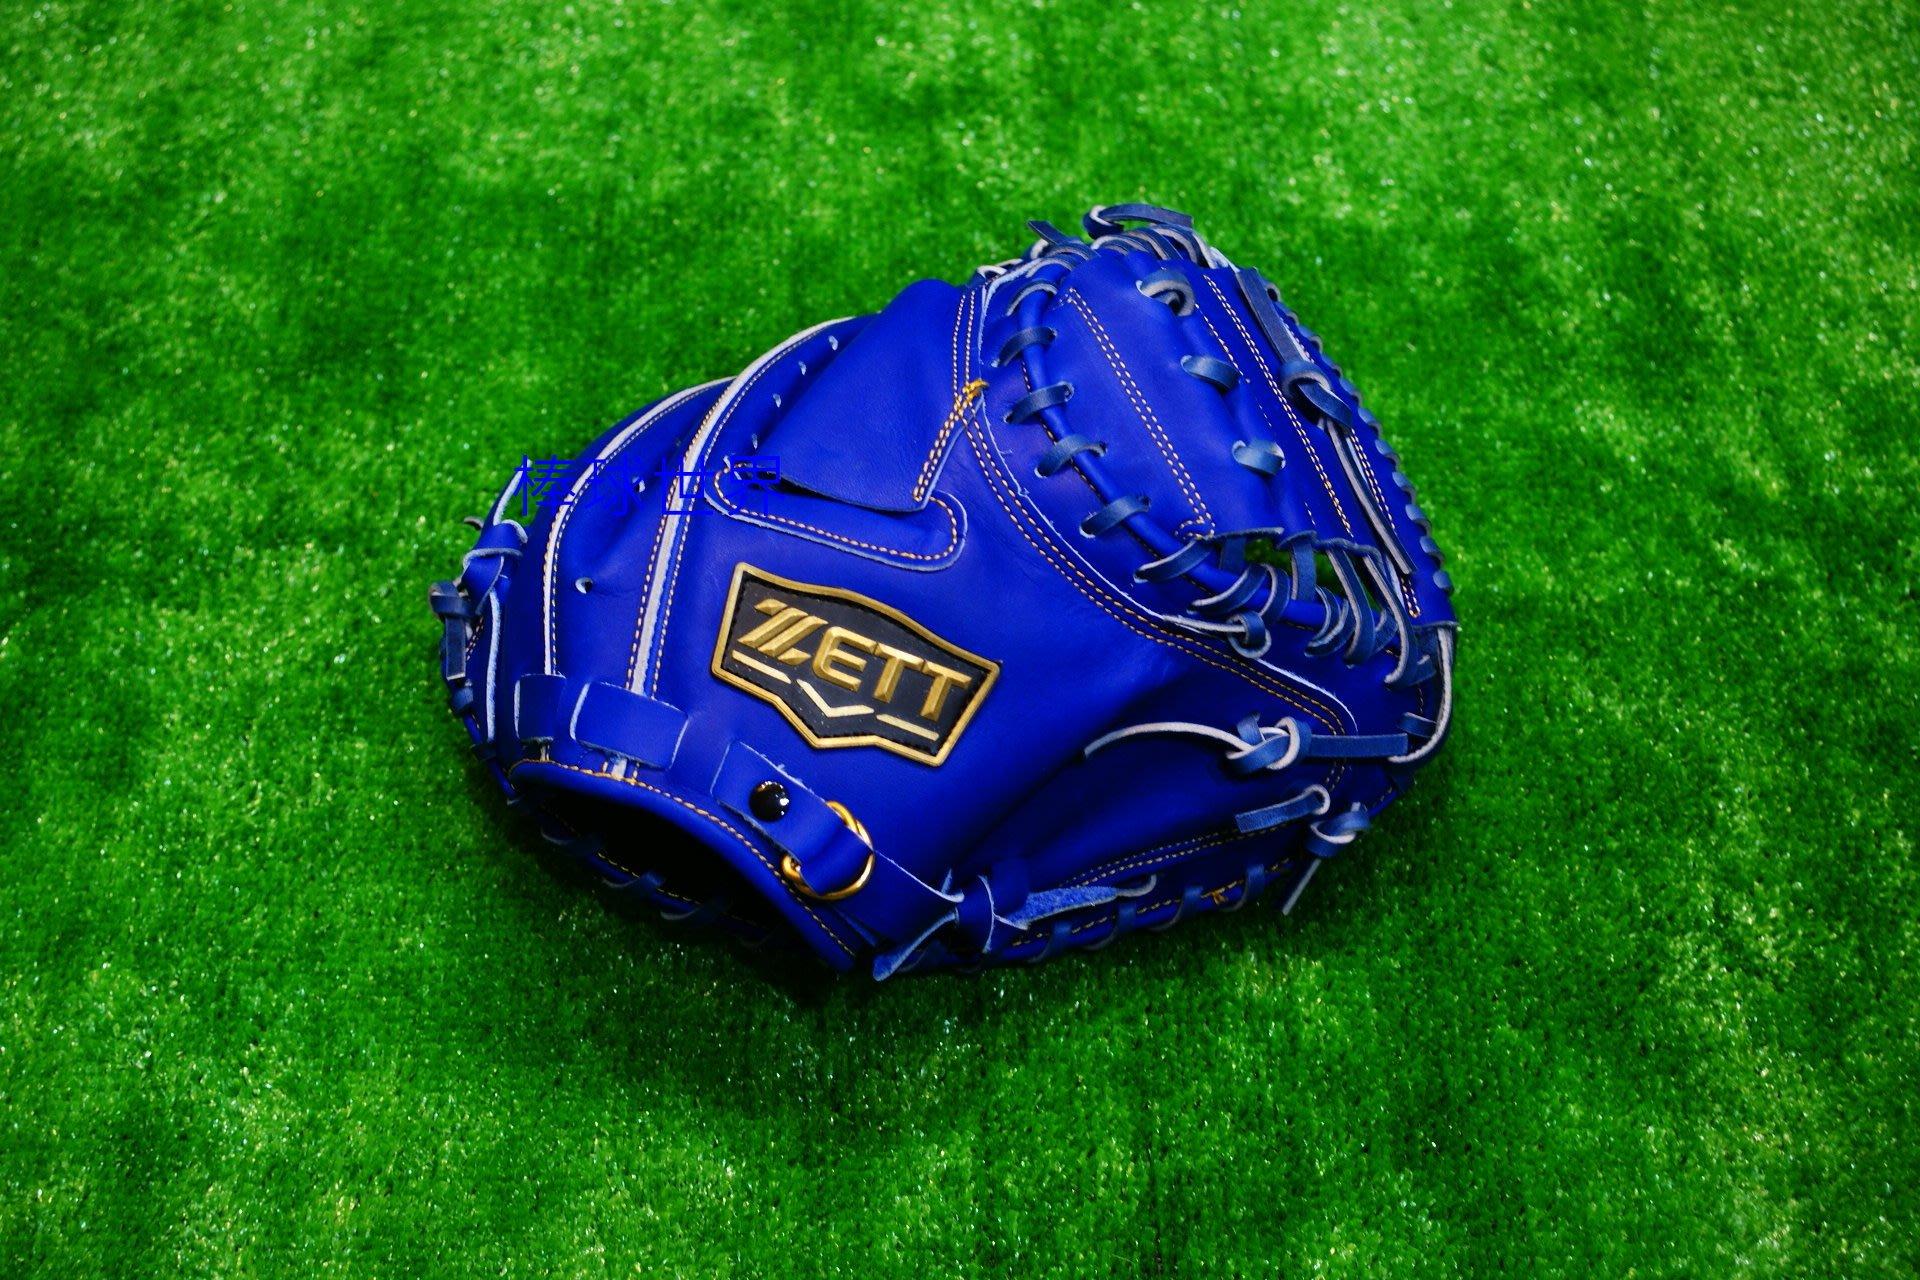 棒球世界ZETT 頂級硬式牛皮 棒球捕手手套特價不到 65折 本壘版標藍色